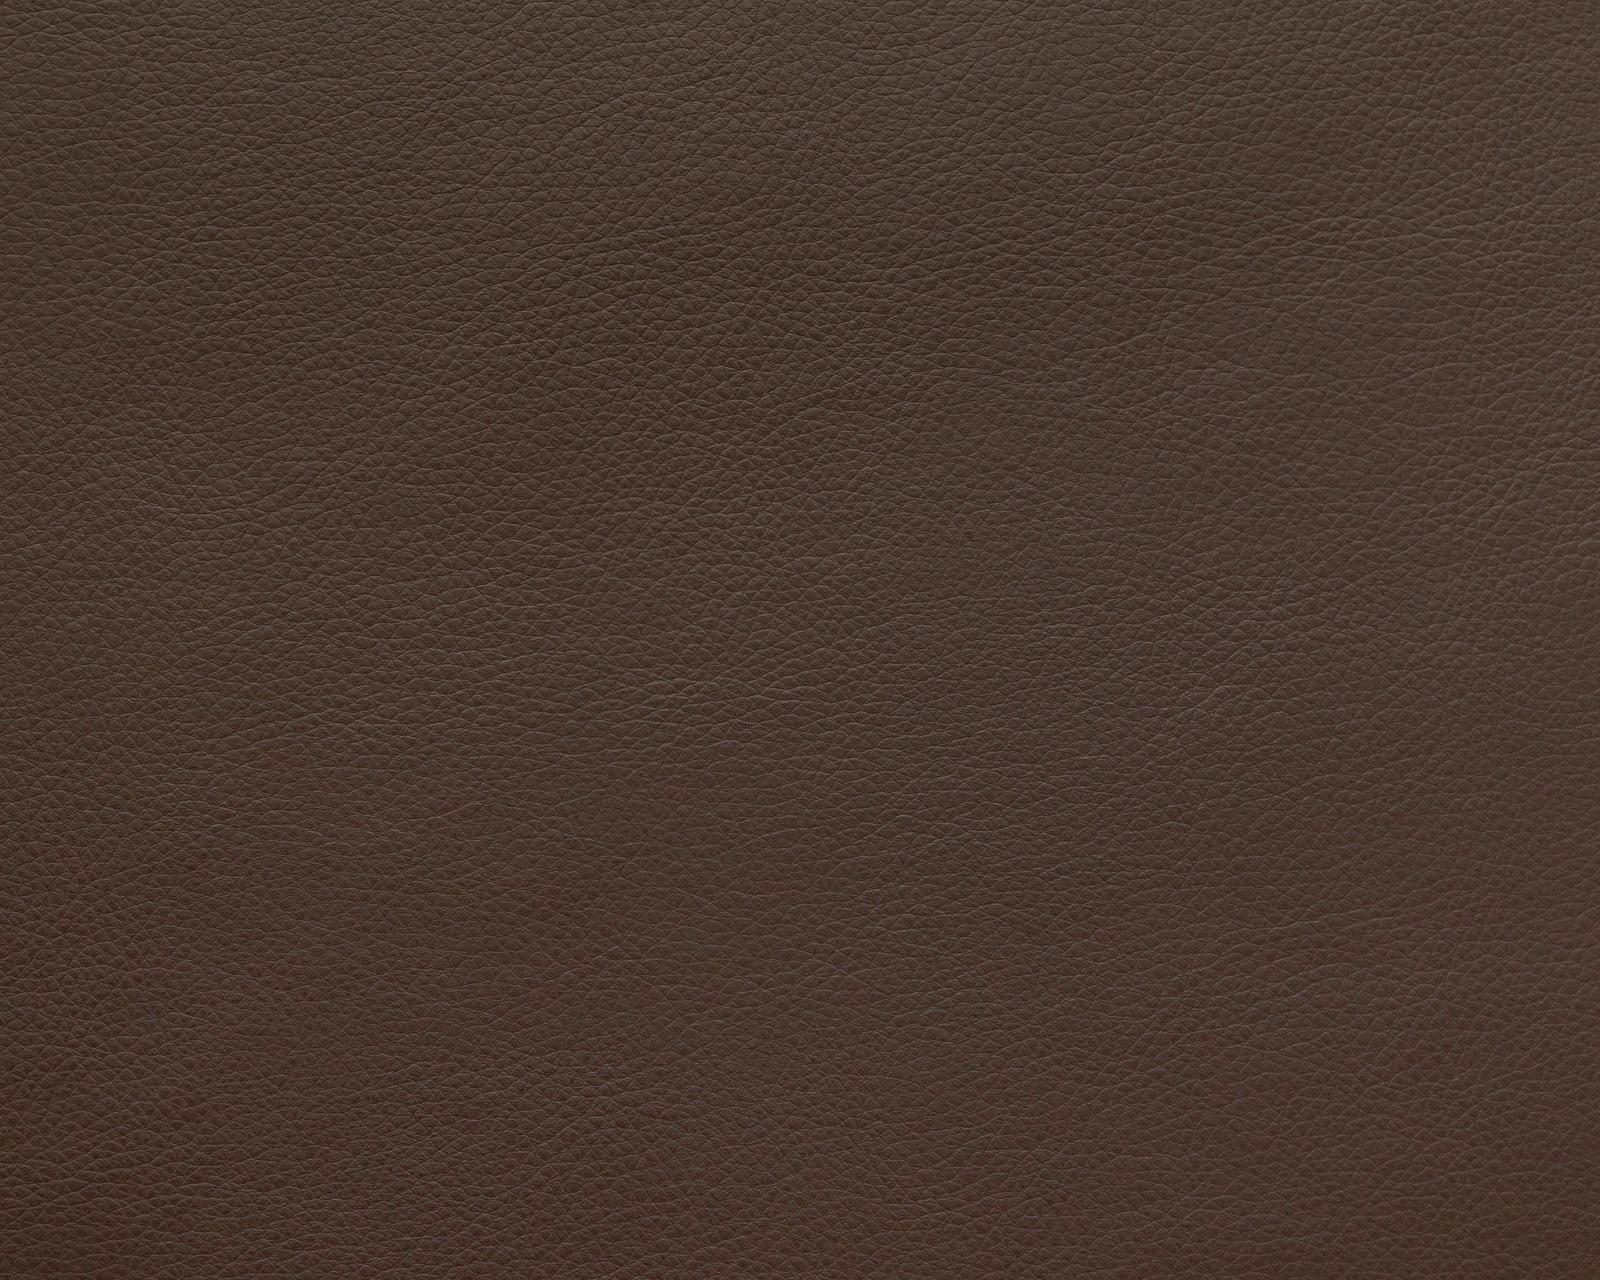 Marvel Chocolate иск.кожа